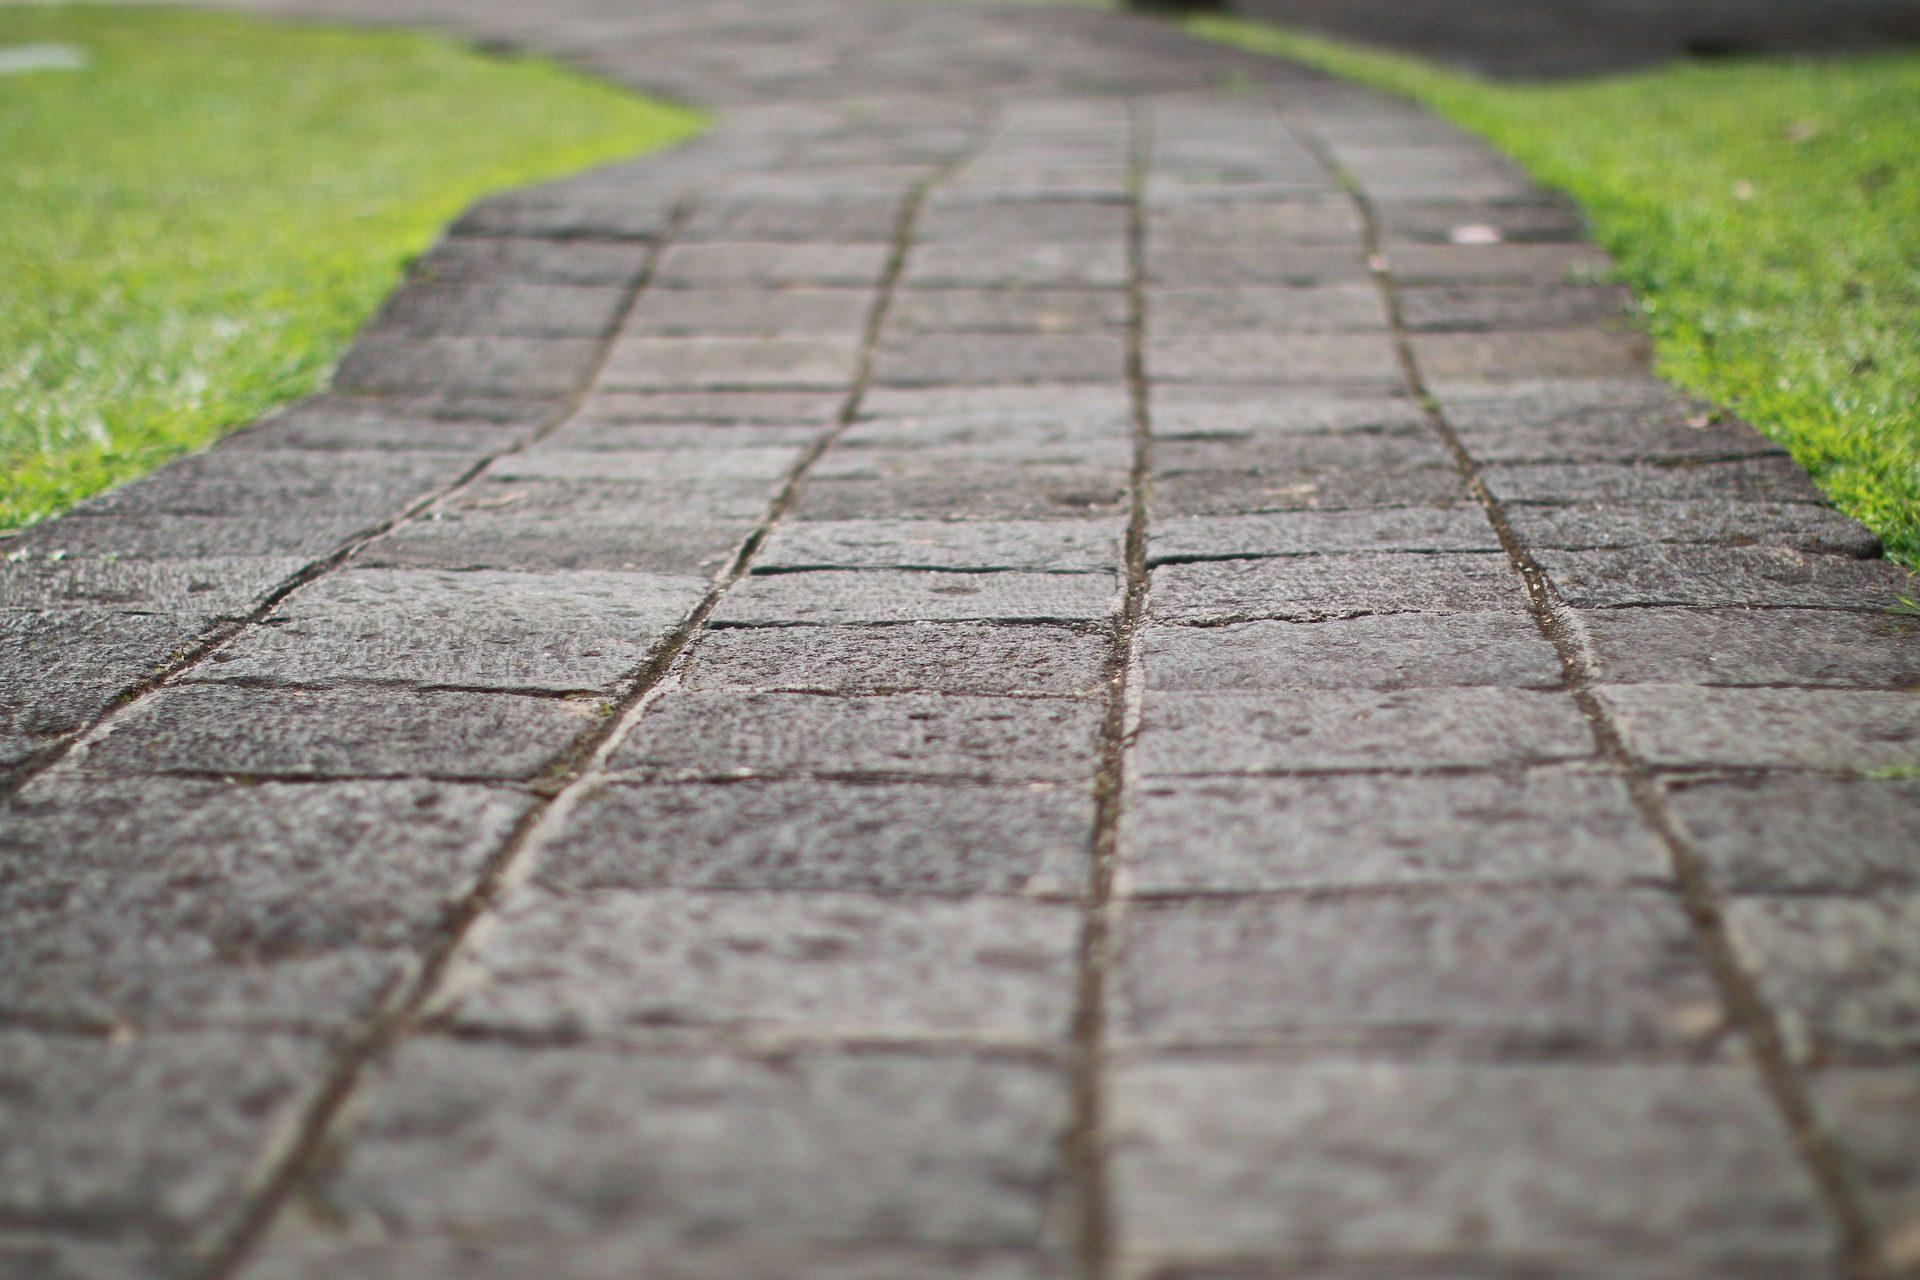 χώμα, πέρασμα, Δρόμου, empedrado, γρασίδι, Κήπος - Wallpapers HD - Professor-falken.com